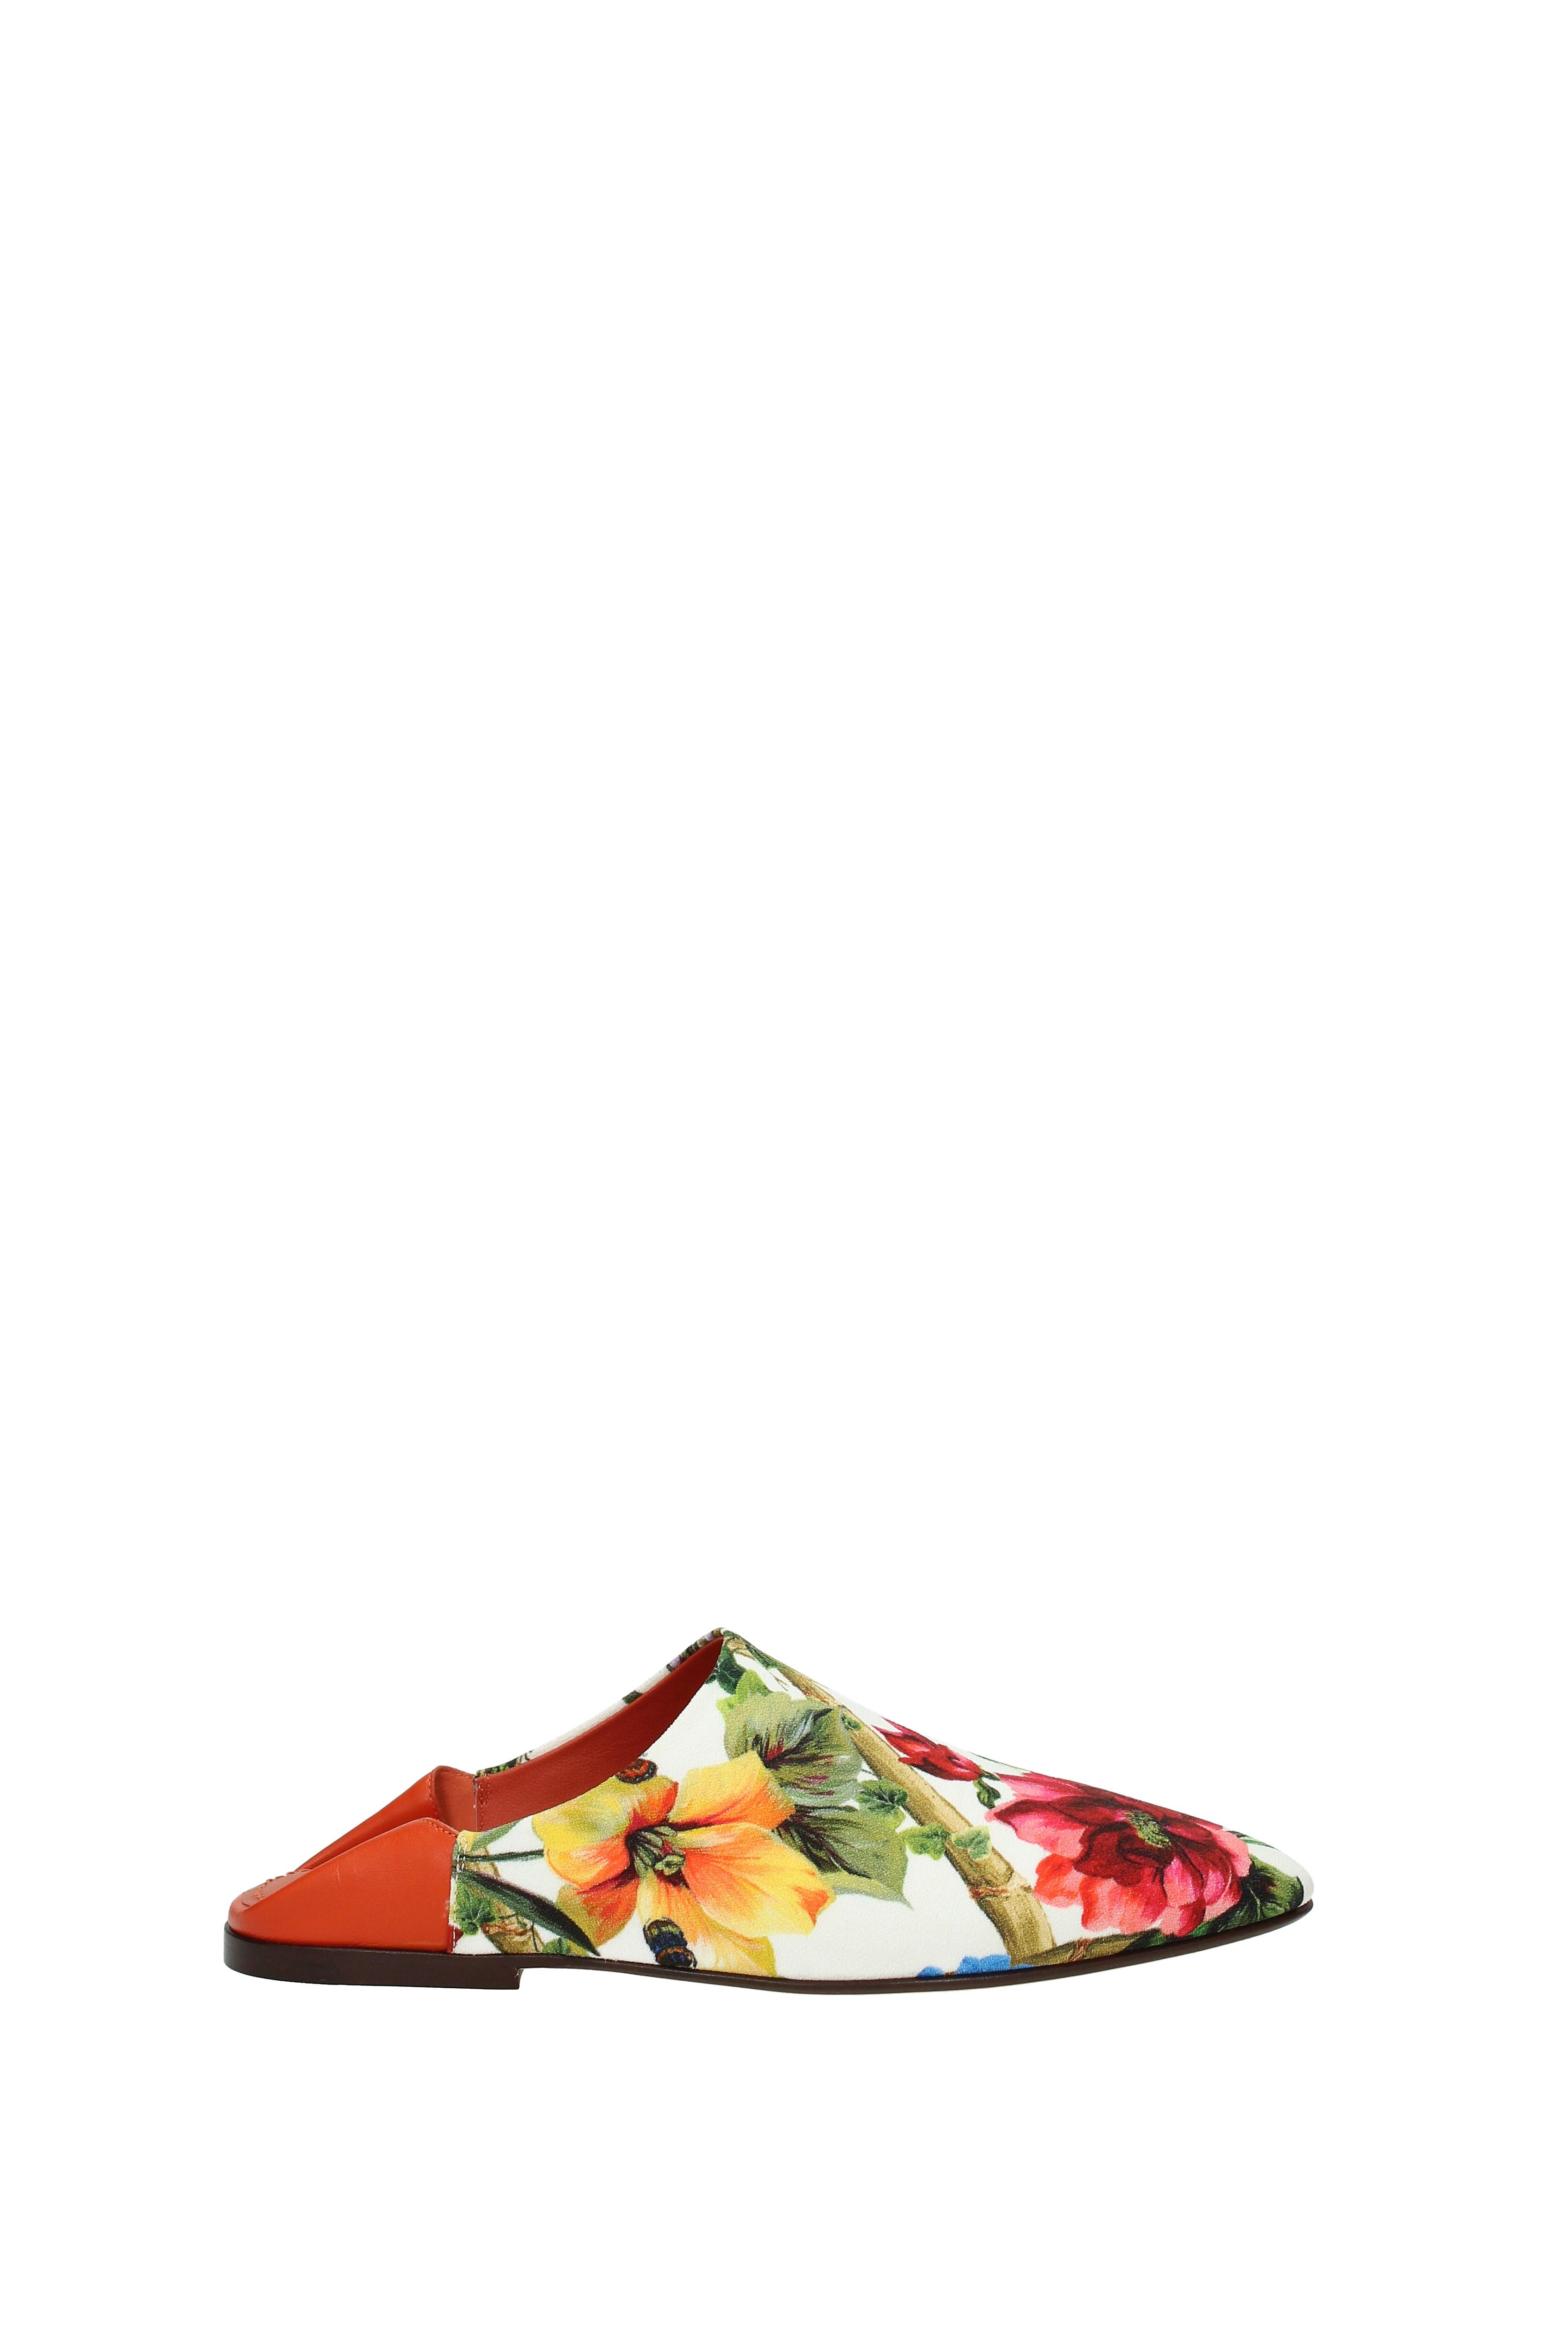 Flip-Flops und Holzschuhe (CI0046AH747) Dolce&Gabbana Damen - Stoff (CI0046AH747) Holzschuhe 3ba0e8